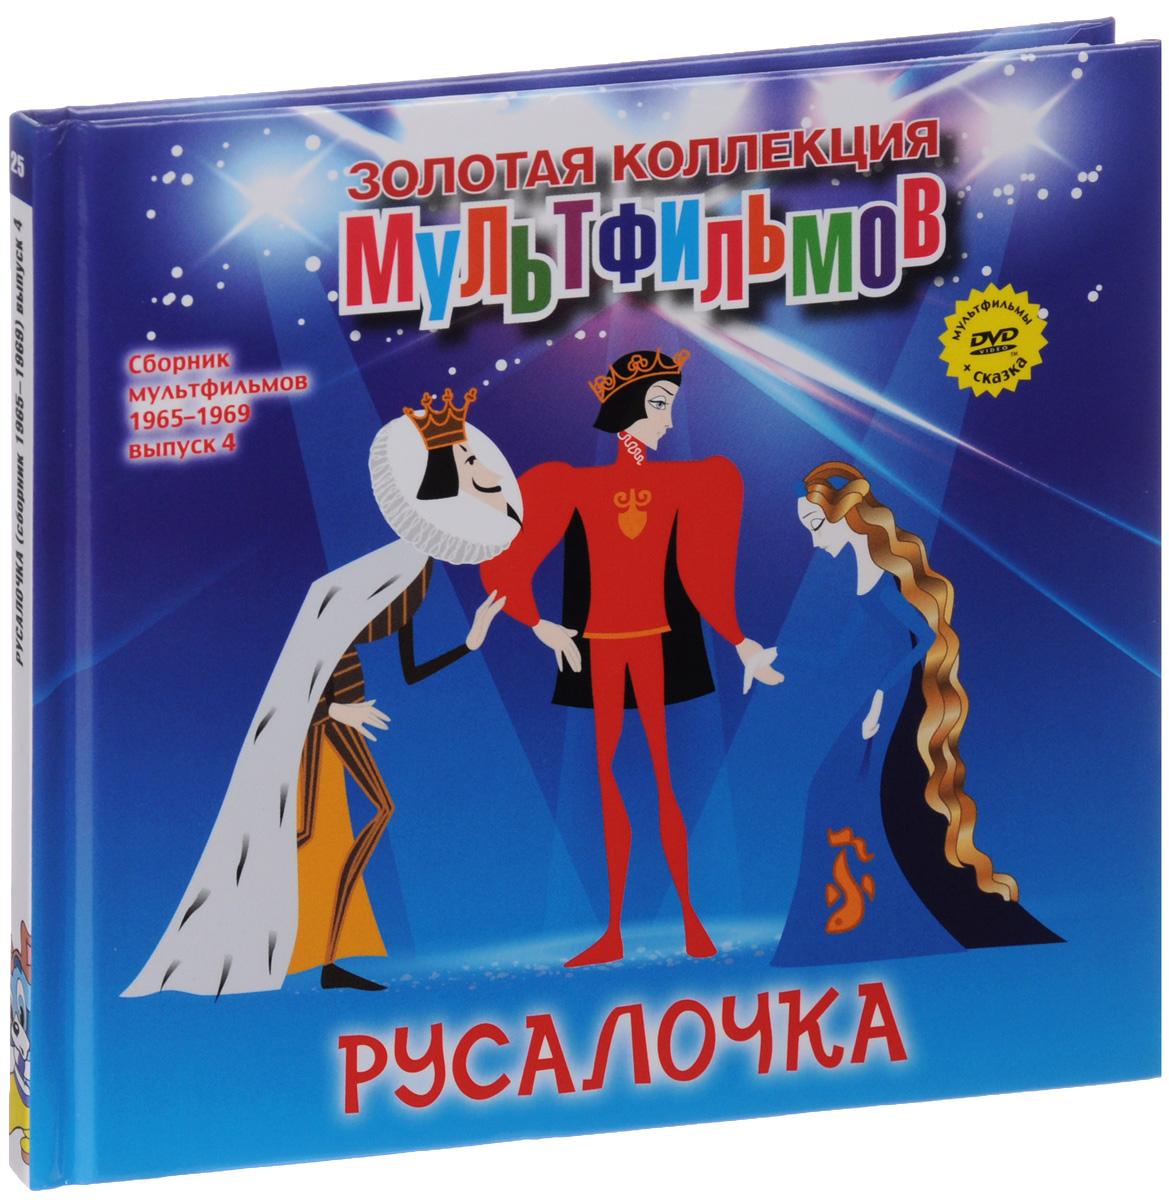 Сборник мультфильмов 1965-1969: Выпуск 4: Русалочка